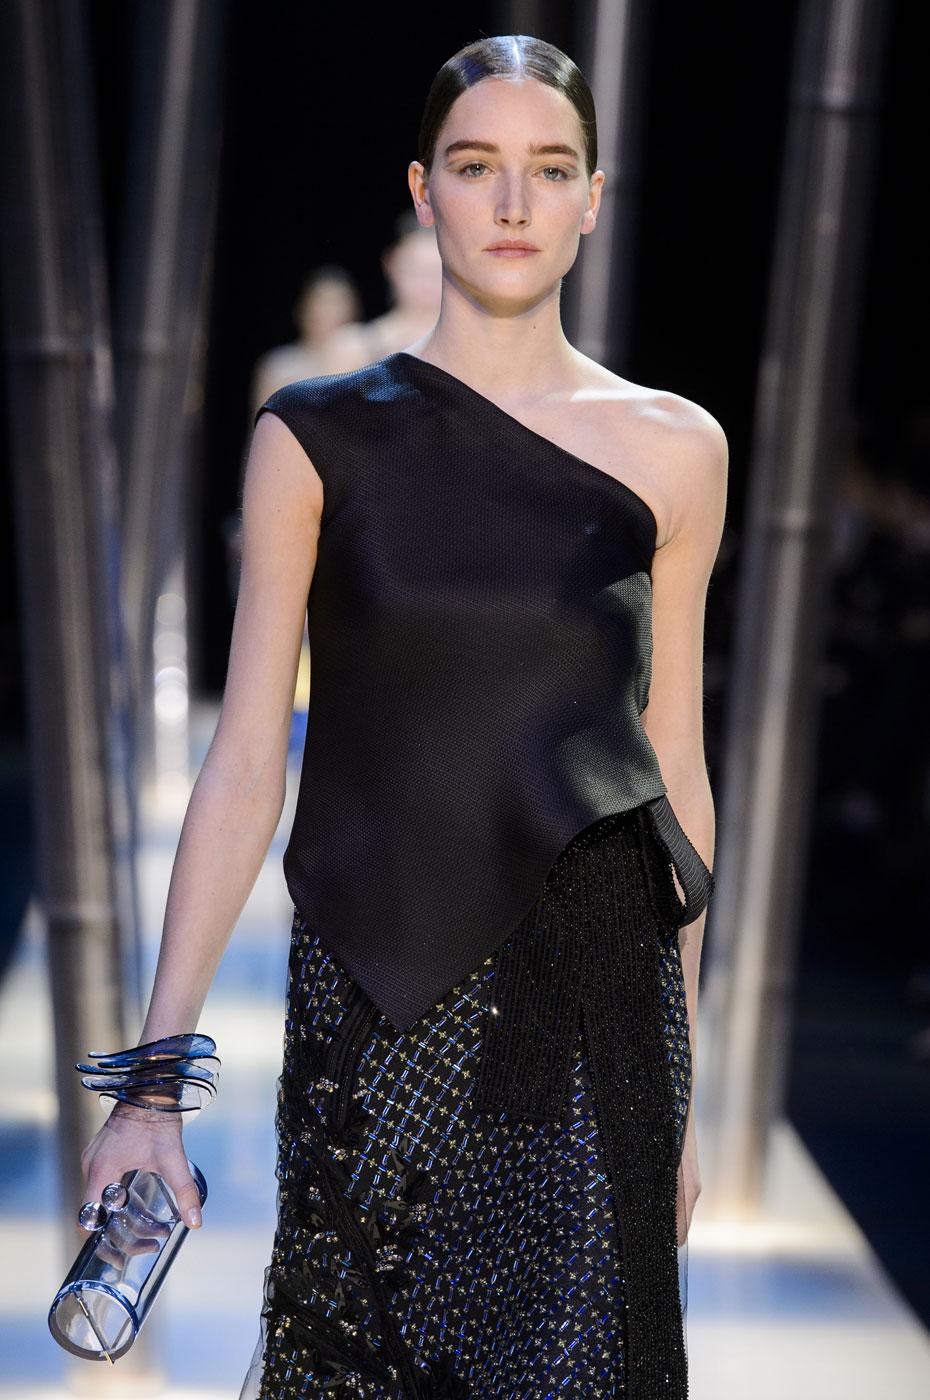 Giorgio-armani-Prive-fashion-runway-show-haute-couture-paris-spring-2015-the-impression-134